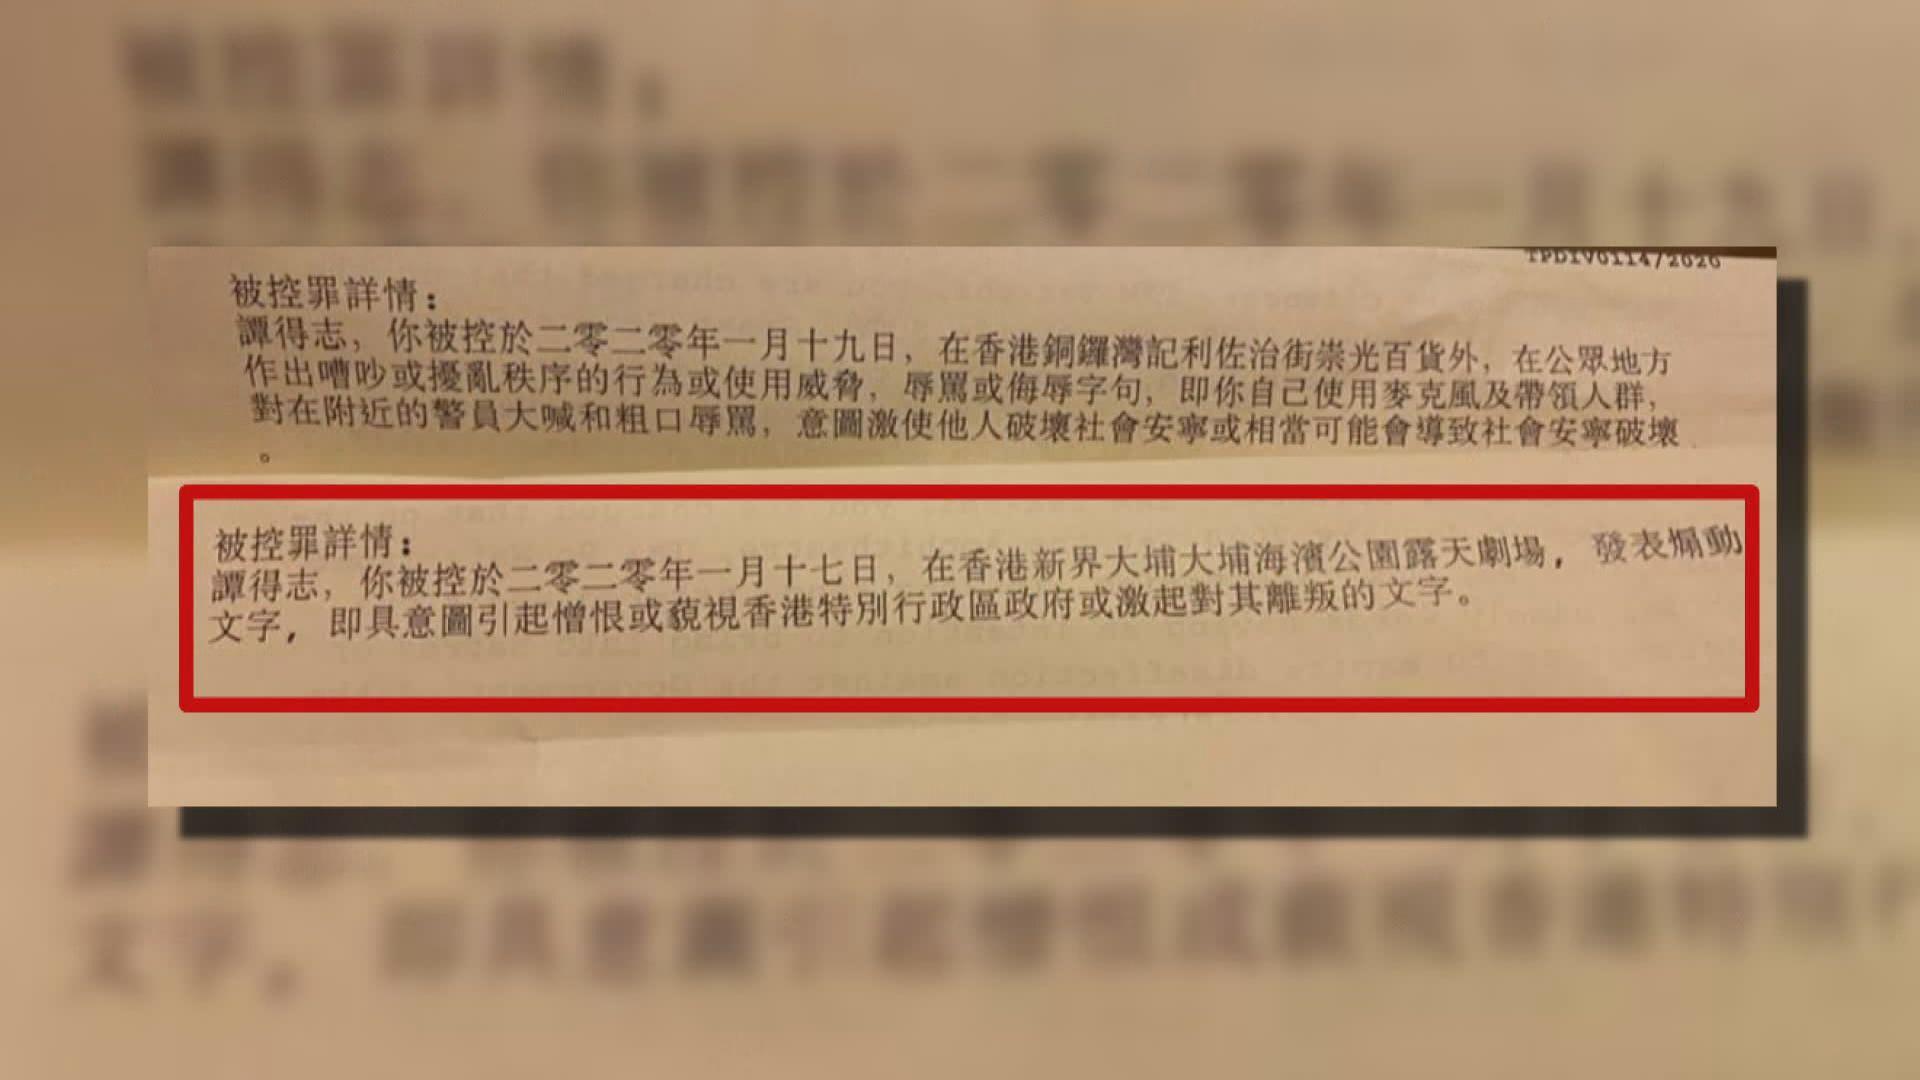 警拘譚得志涉發表煽動文字 案件由國家安全處負責調查